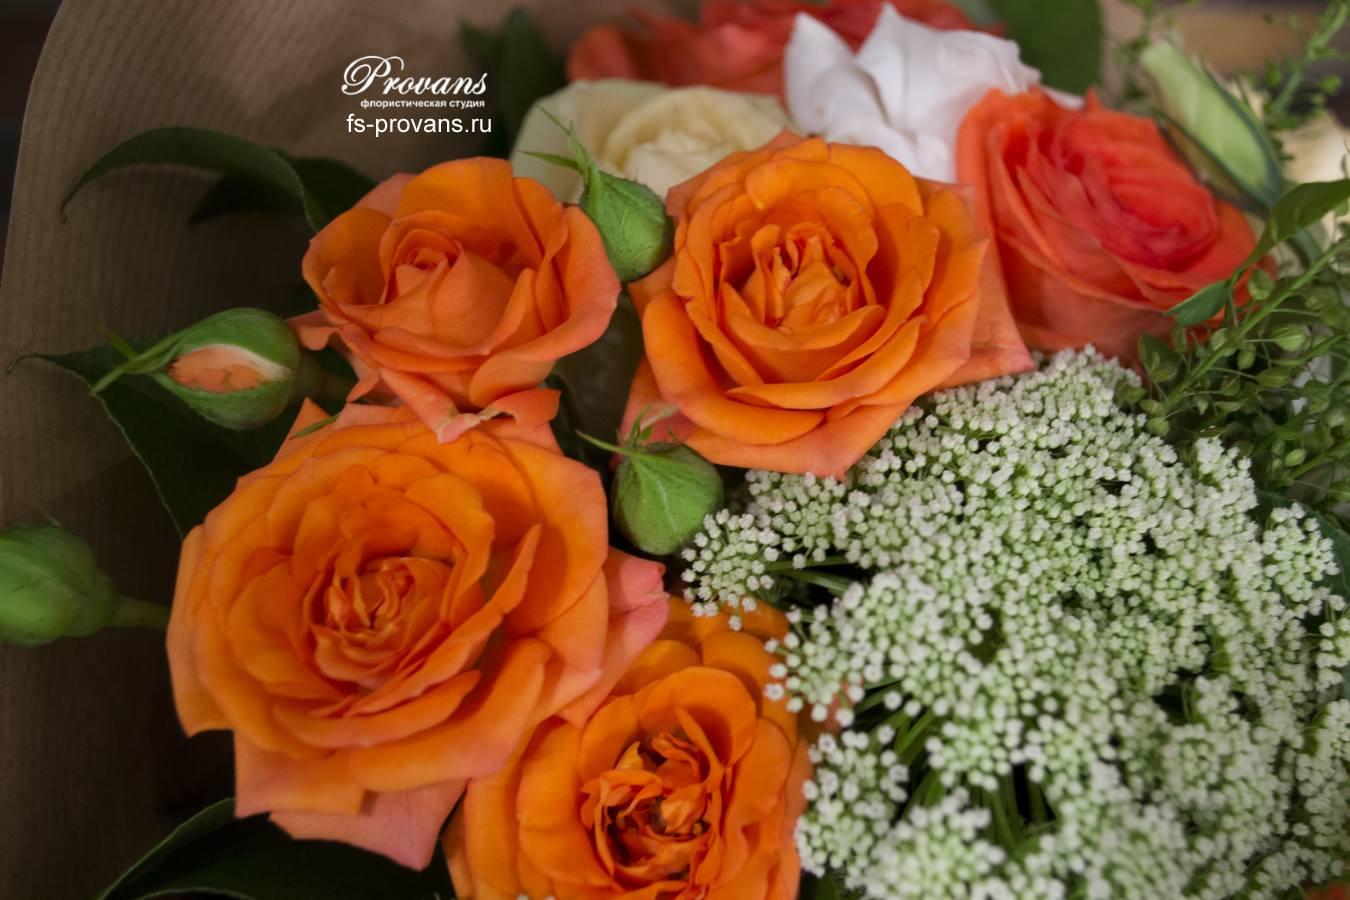 Букет на 1 сентября. Розы, эустома, асклепия